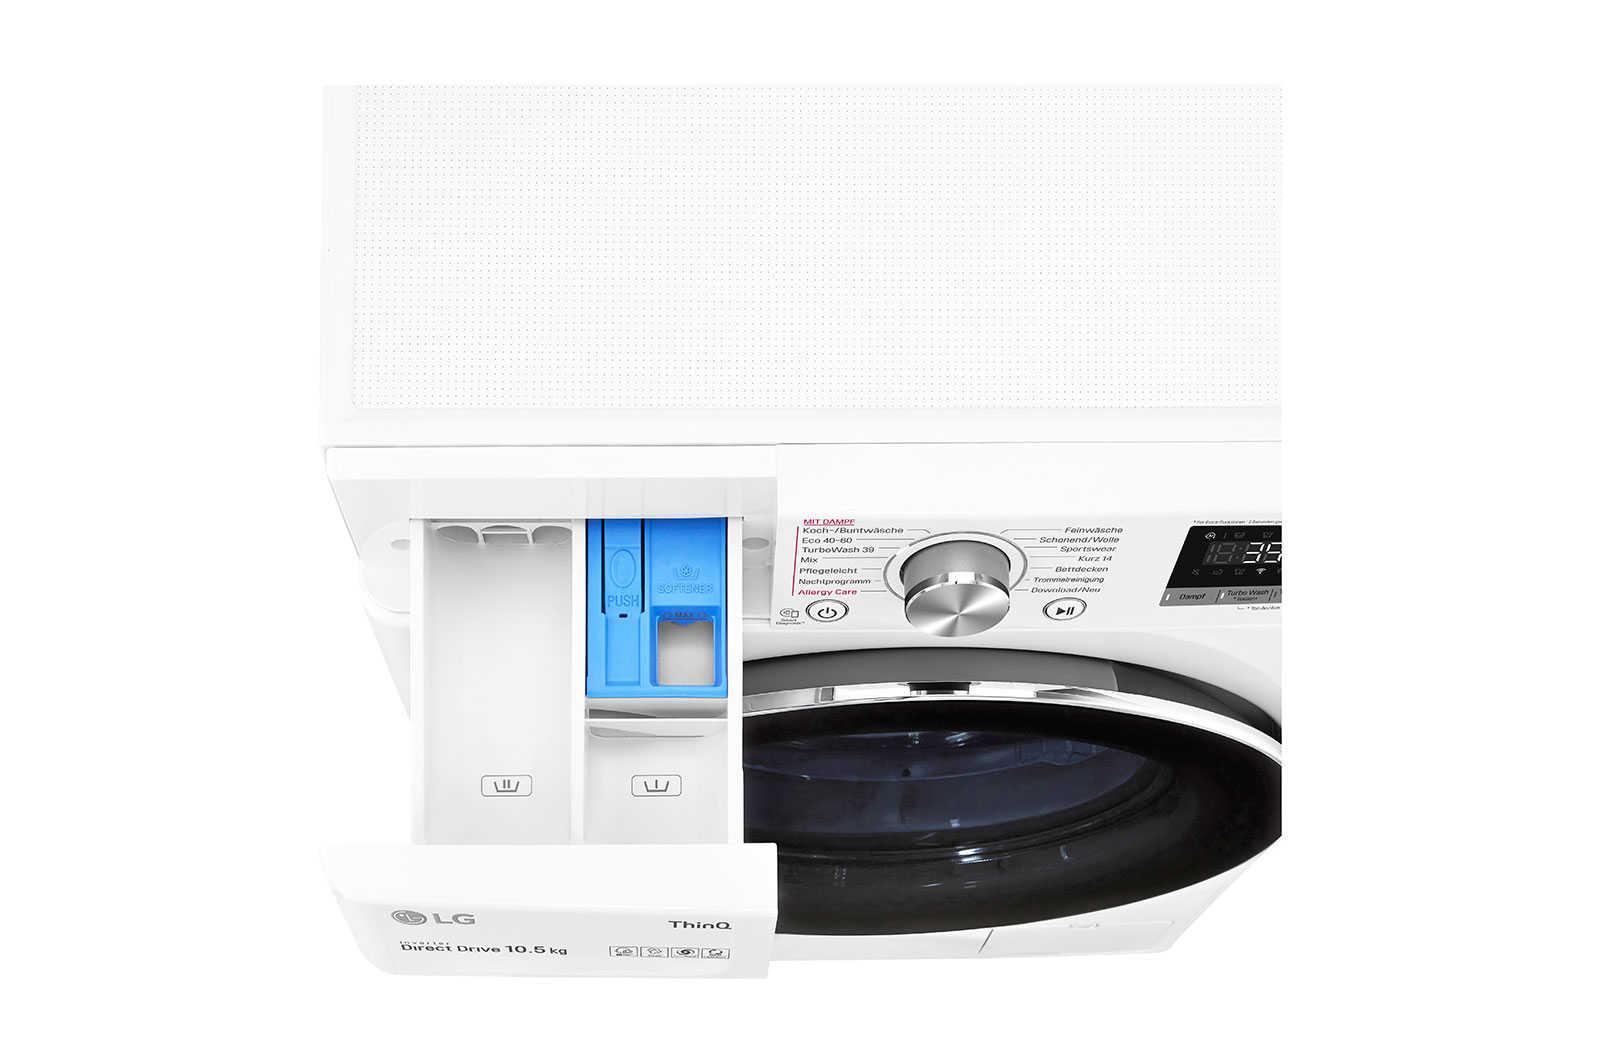 LG F6W105A   Waschmaschine   10,5kg   Energieeffizienzklasse* A   AI DD™   Steam   TurboWash™ 360°